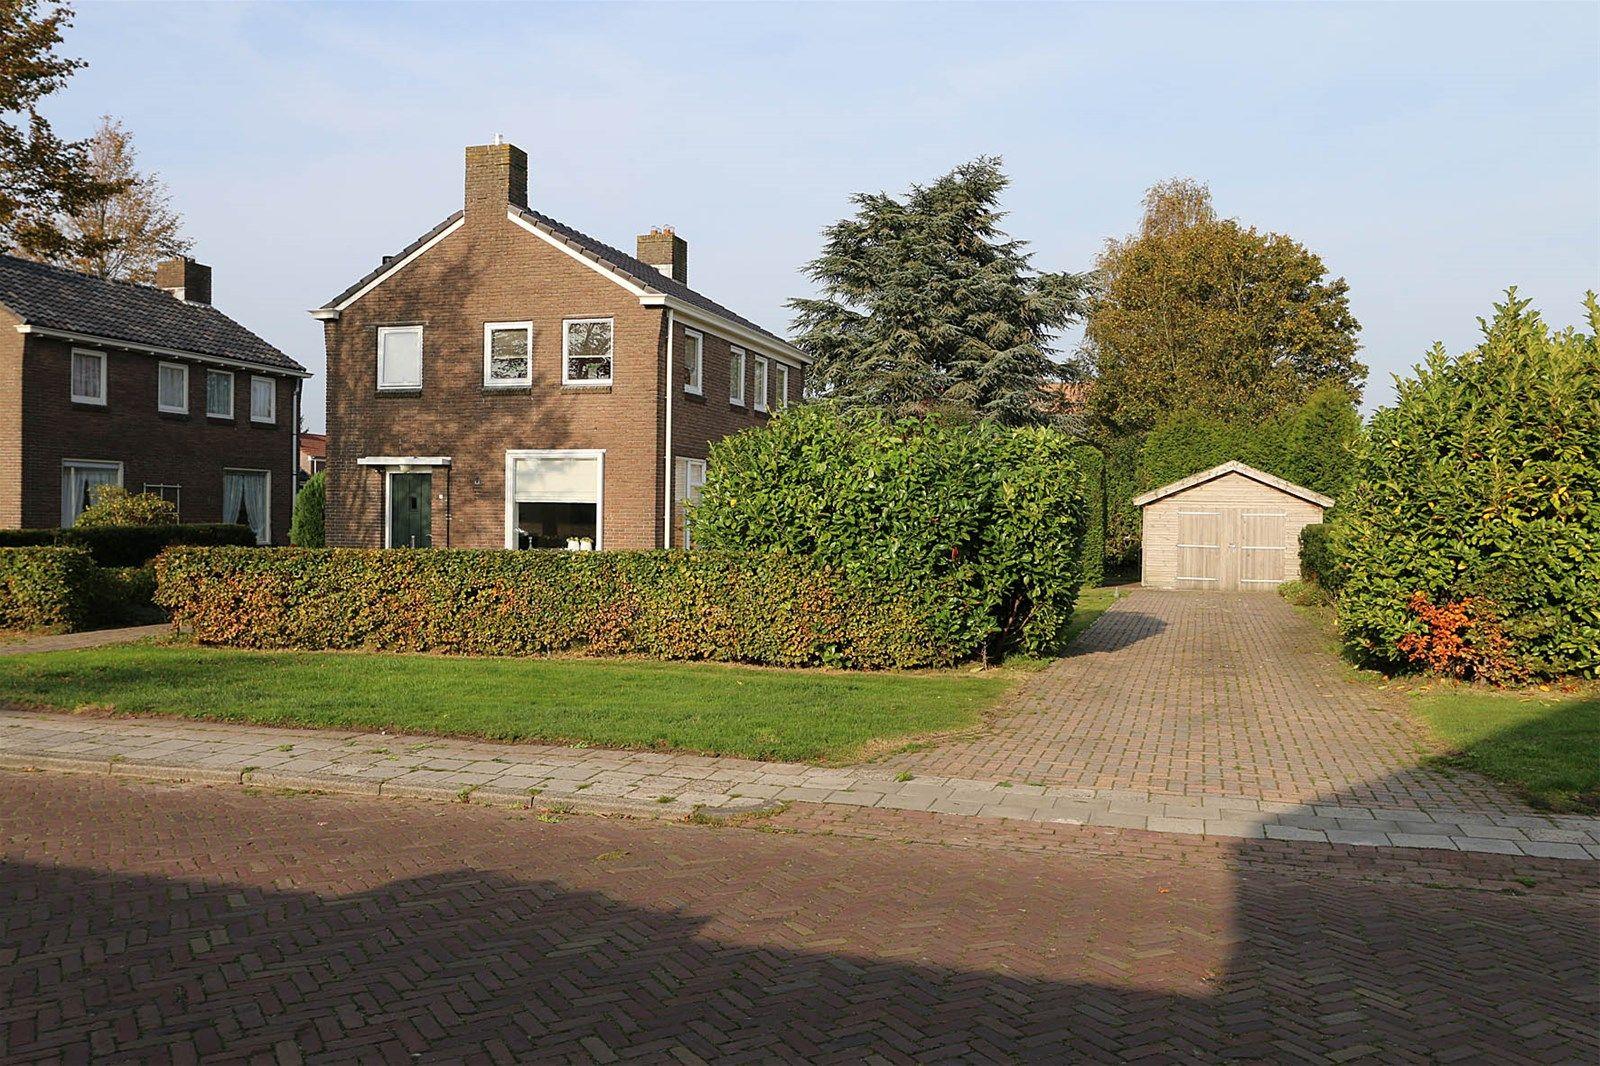 H.P. Sickensstraat 3, Bovensmilde